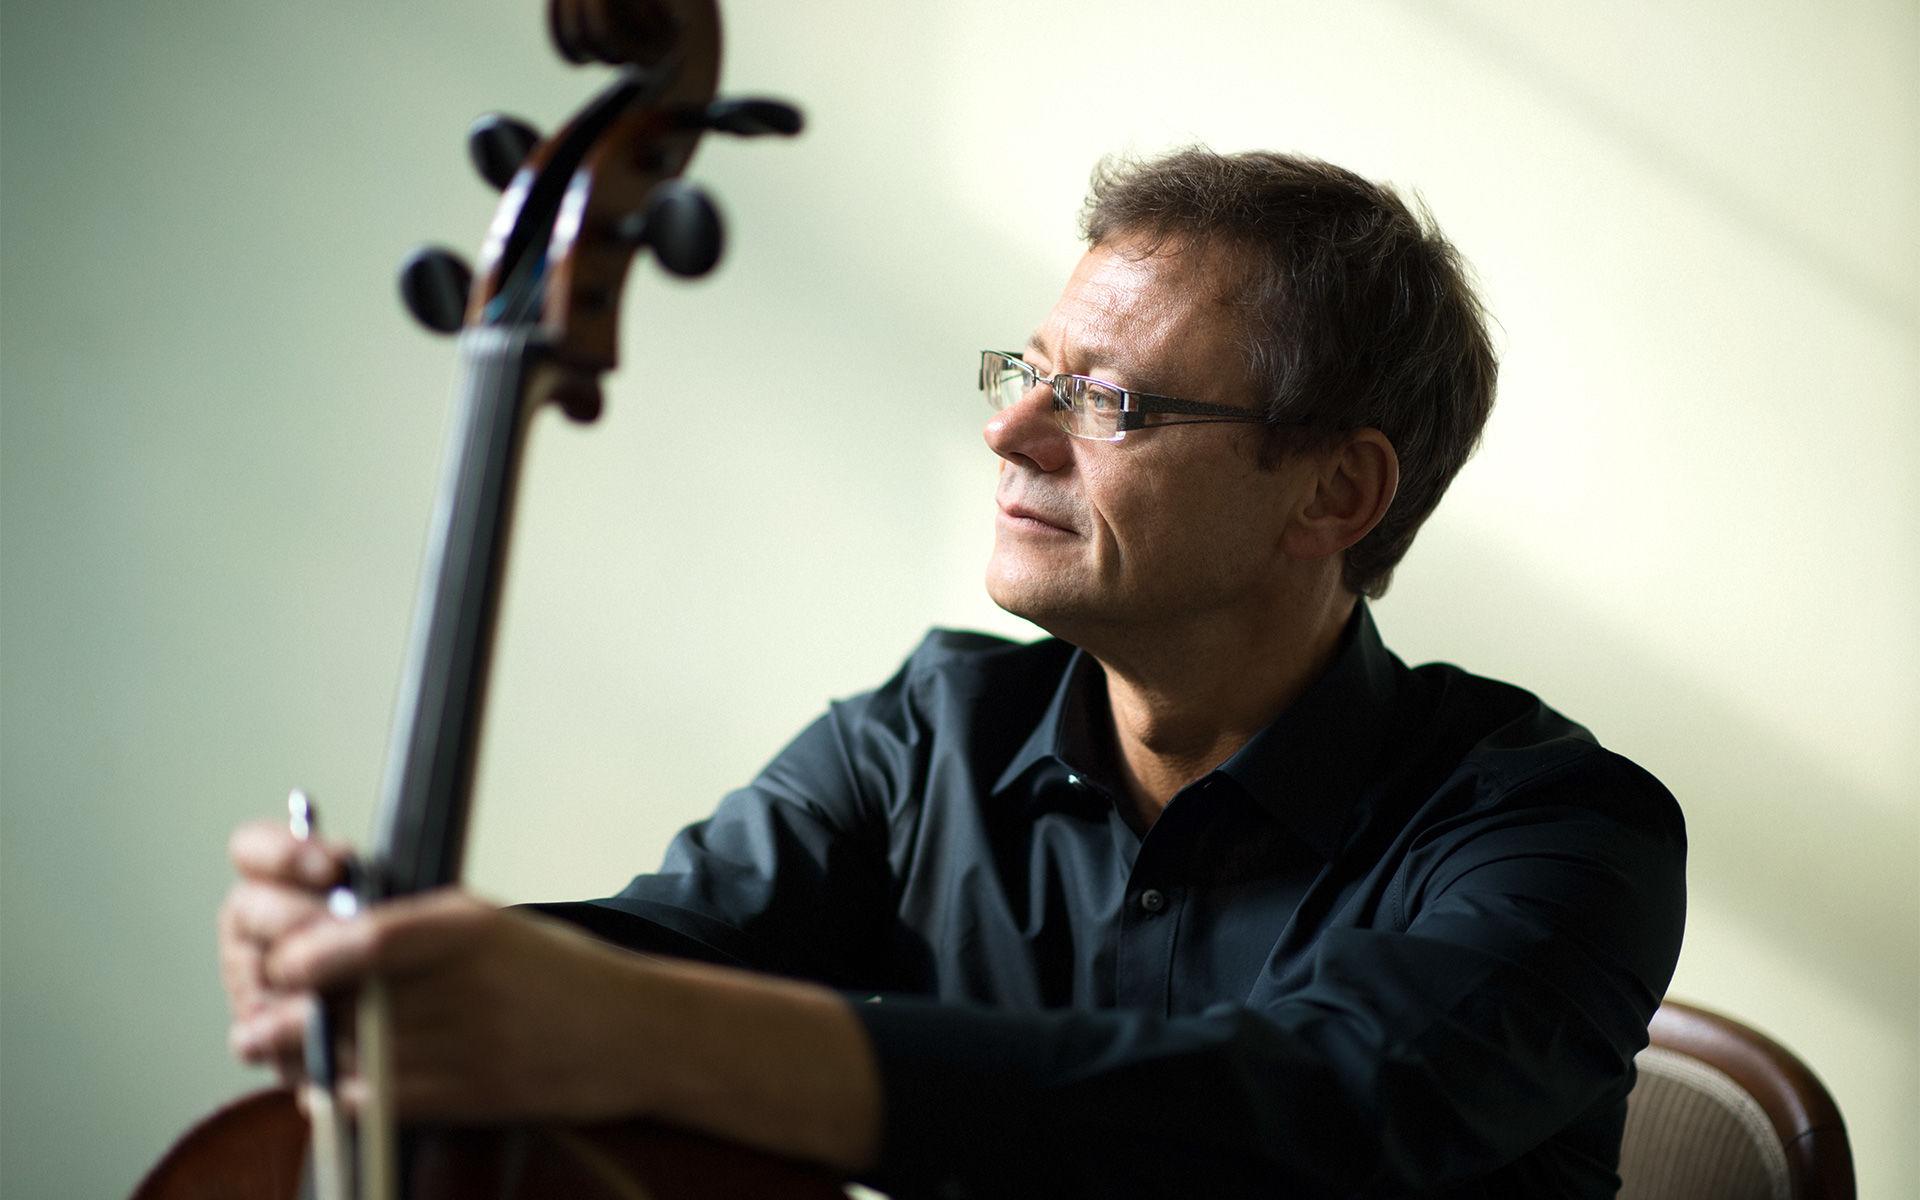 Mitglied der Staatsbad Philharmonie Kissingen, Ilia Zhukovski